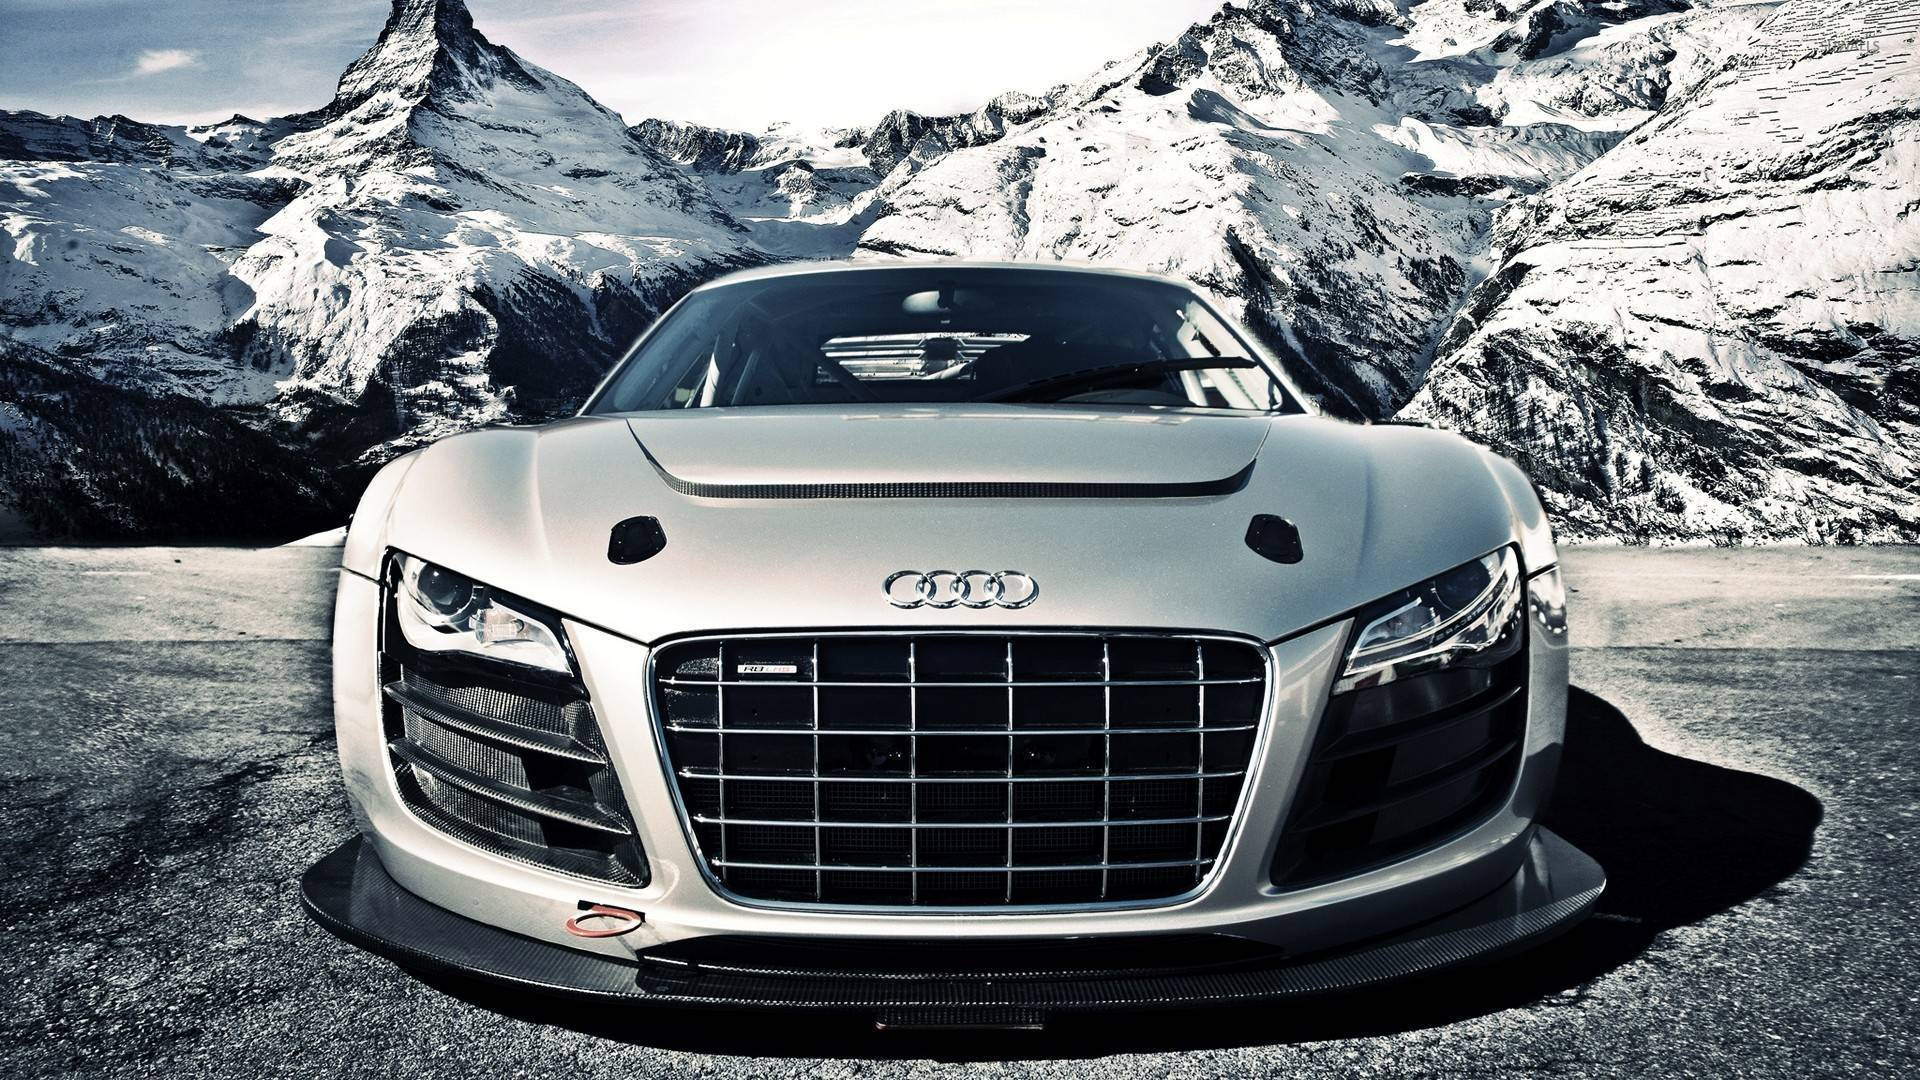 Audi R8 [2] wallpaper - Car wallpapers - #26356